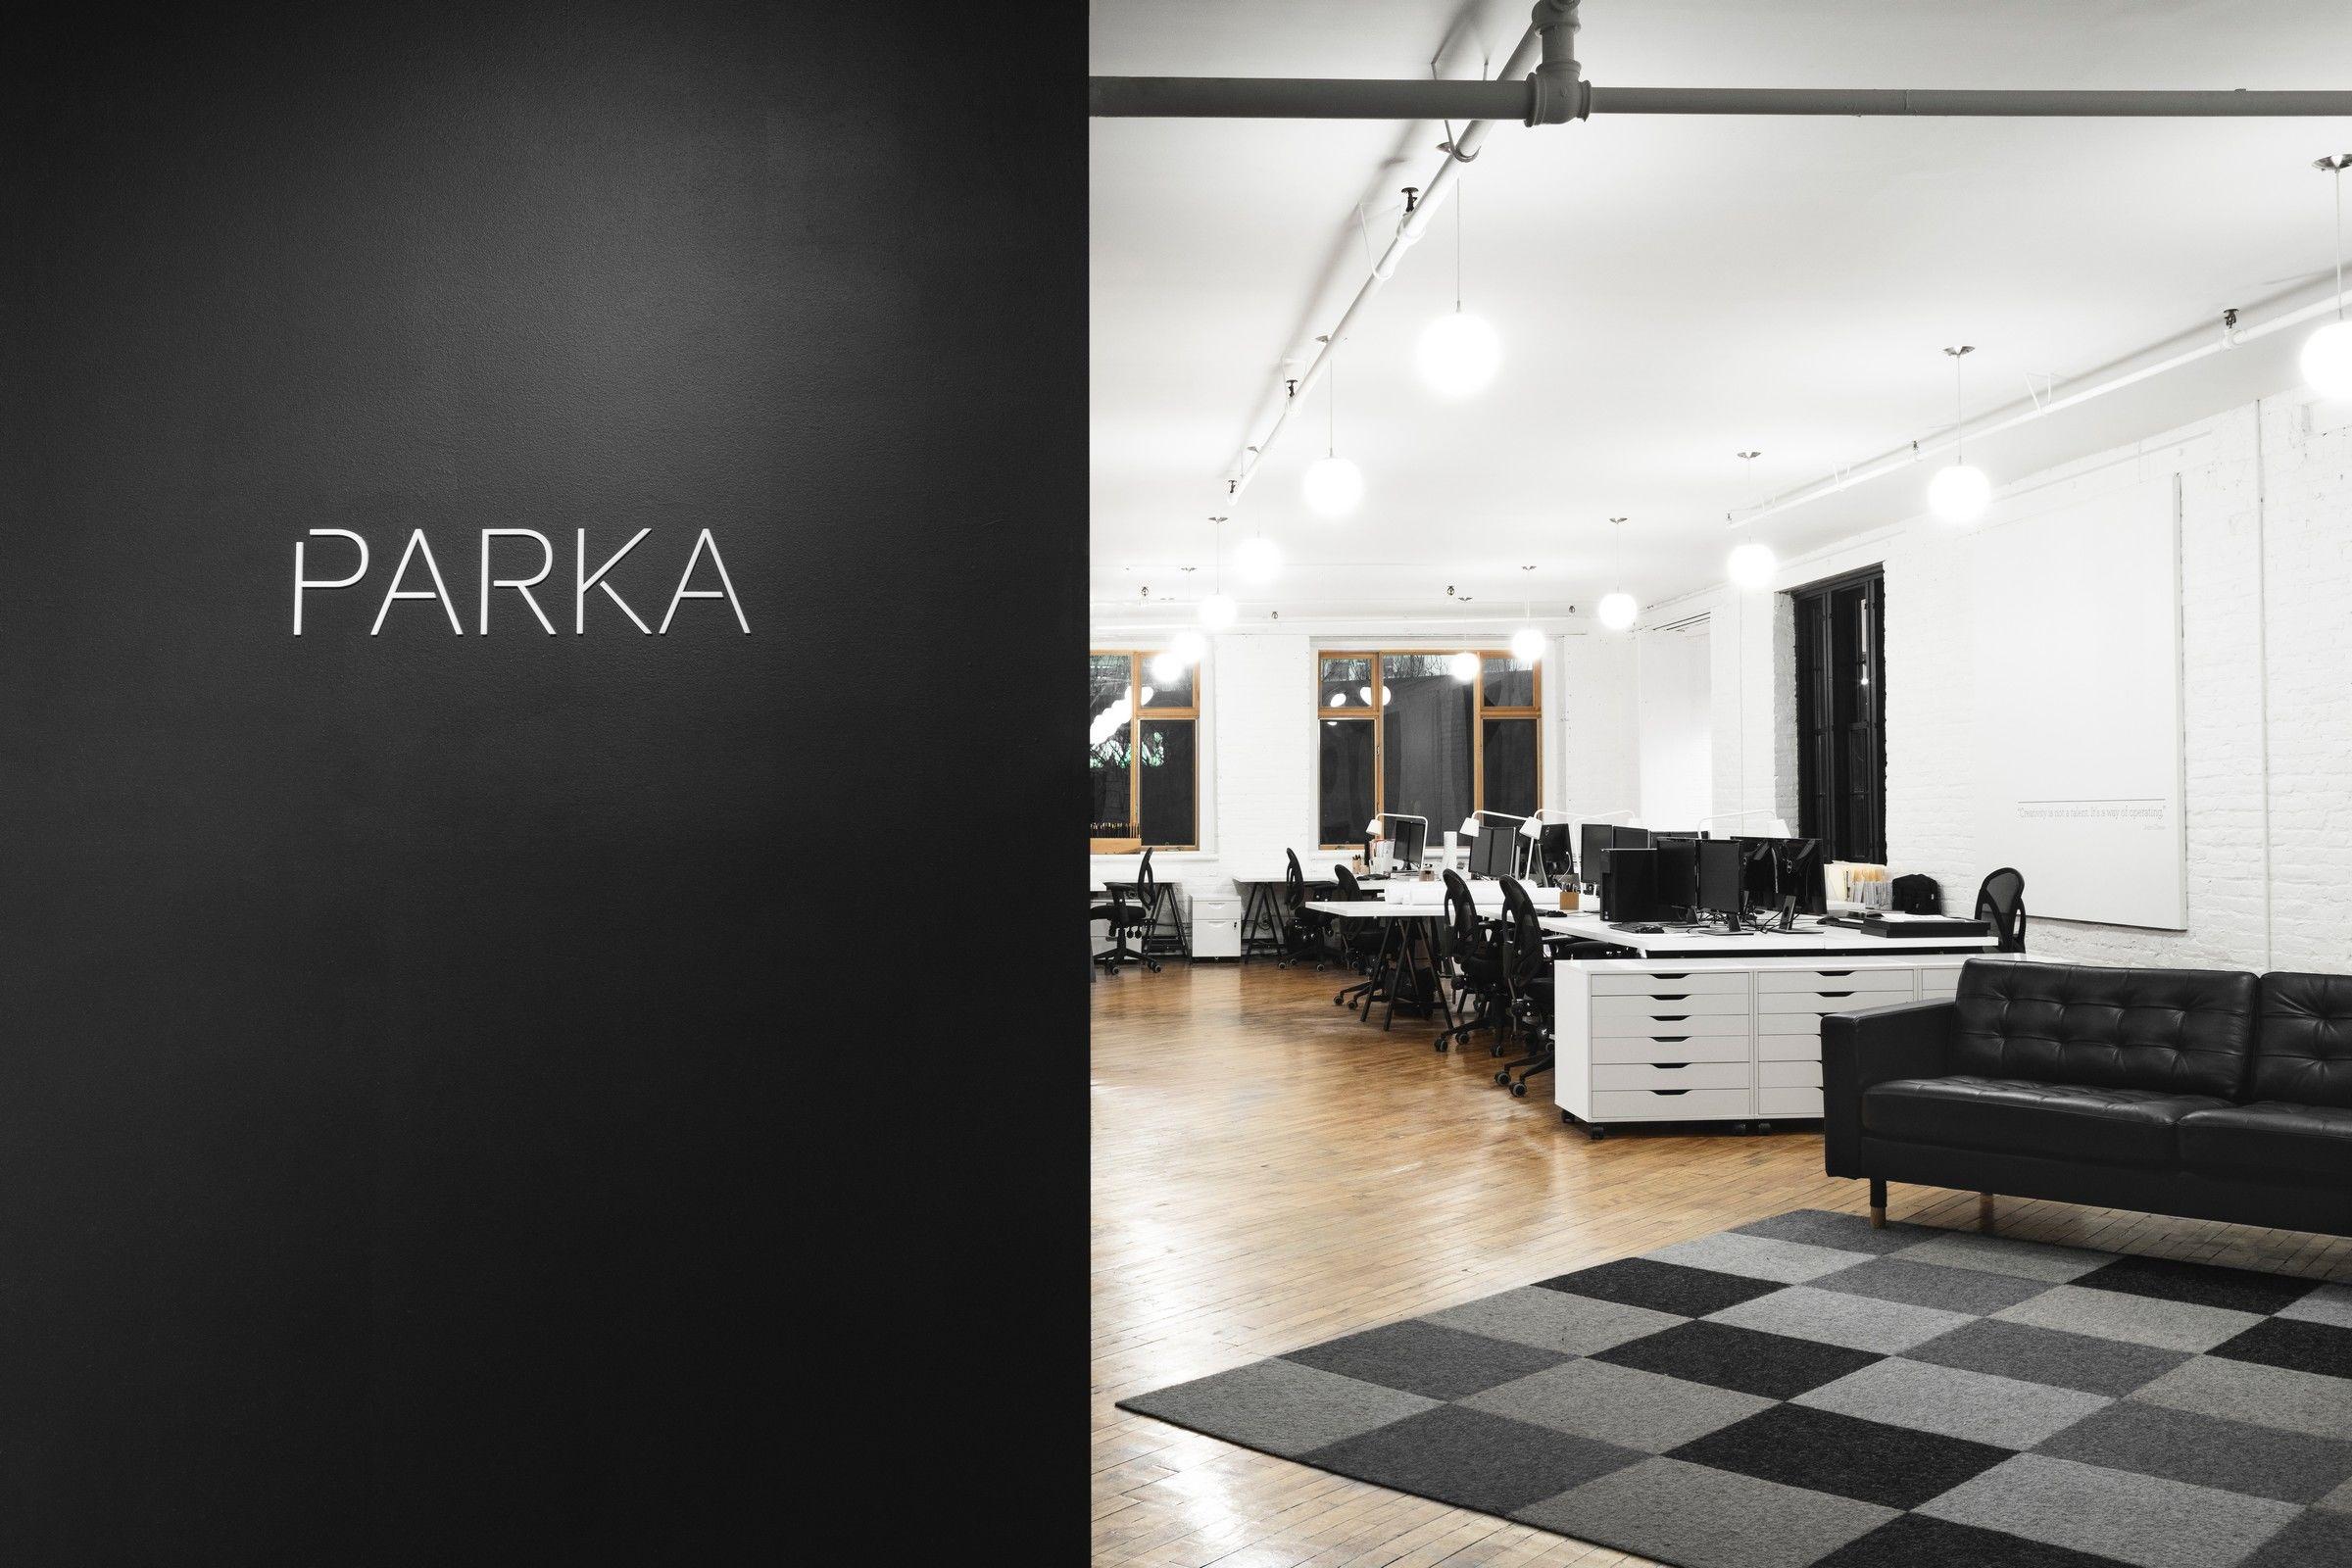 Parkas office parka architecture & design archello